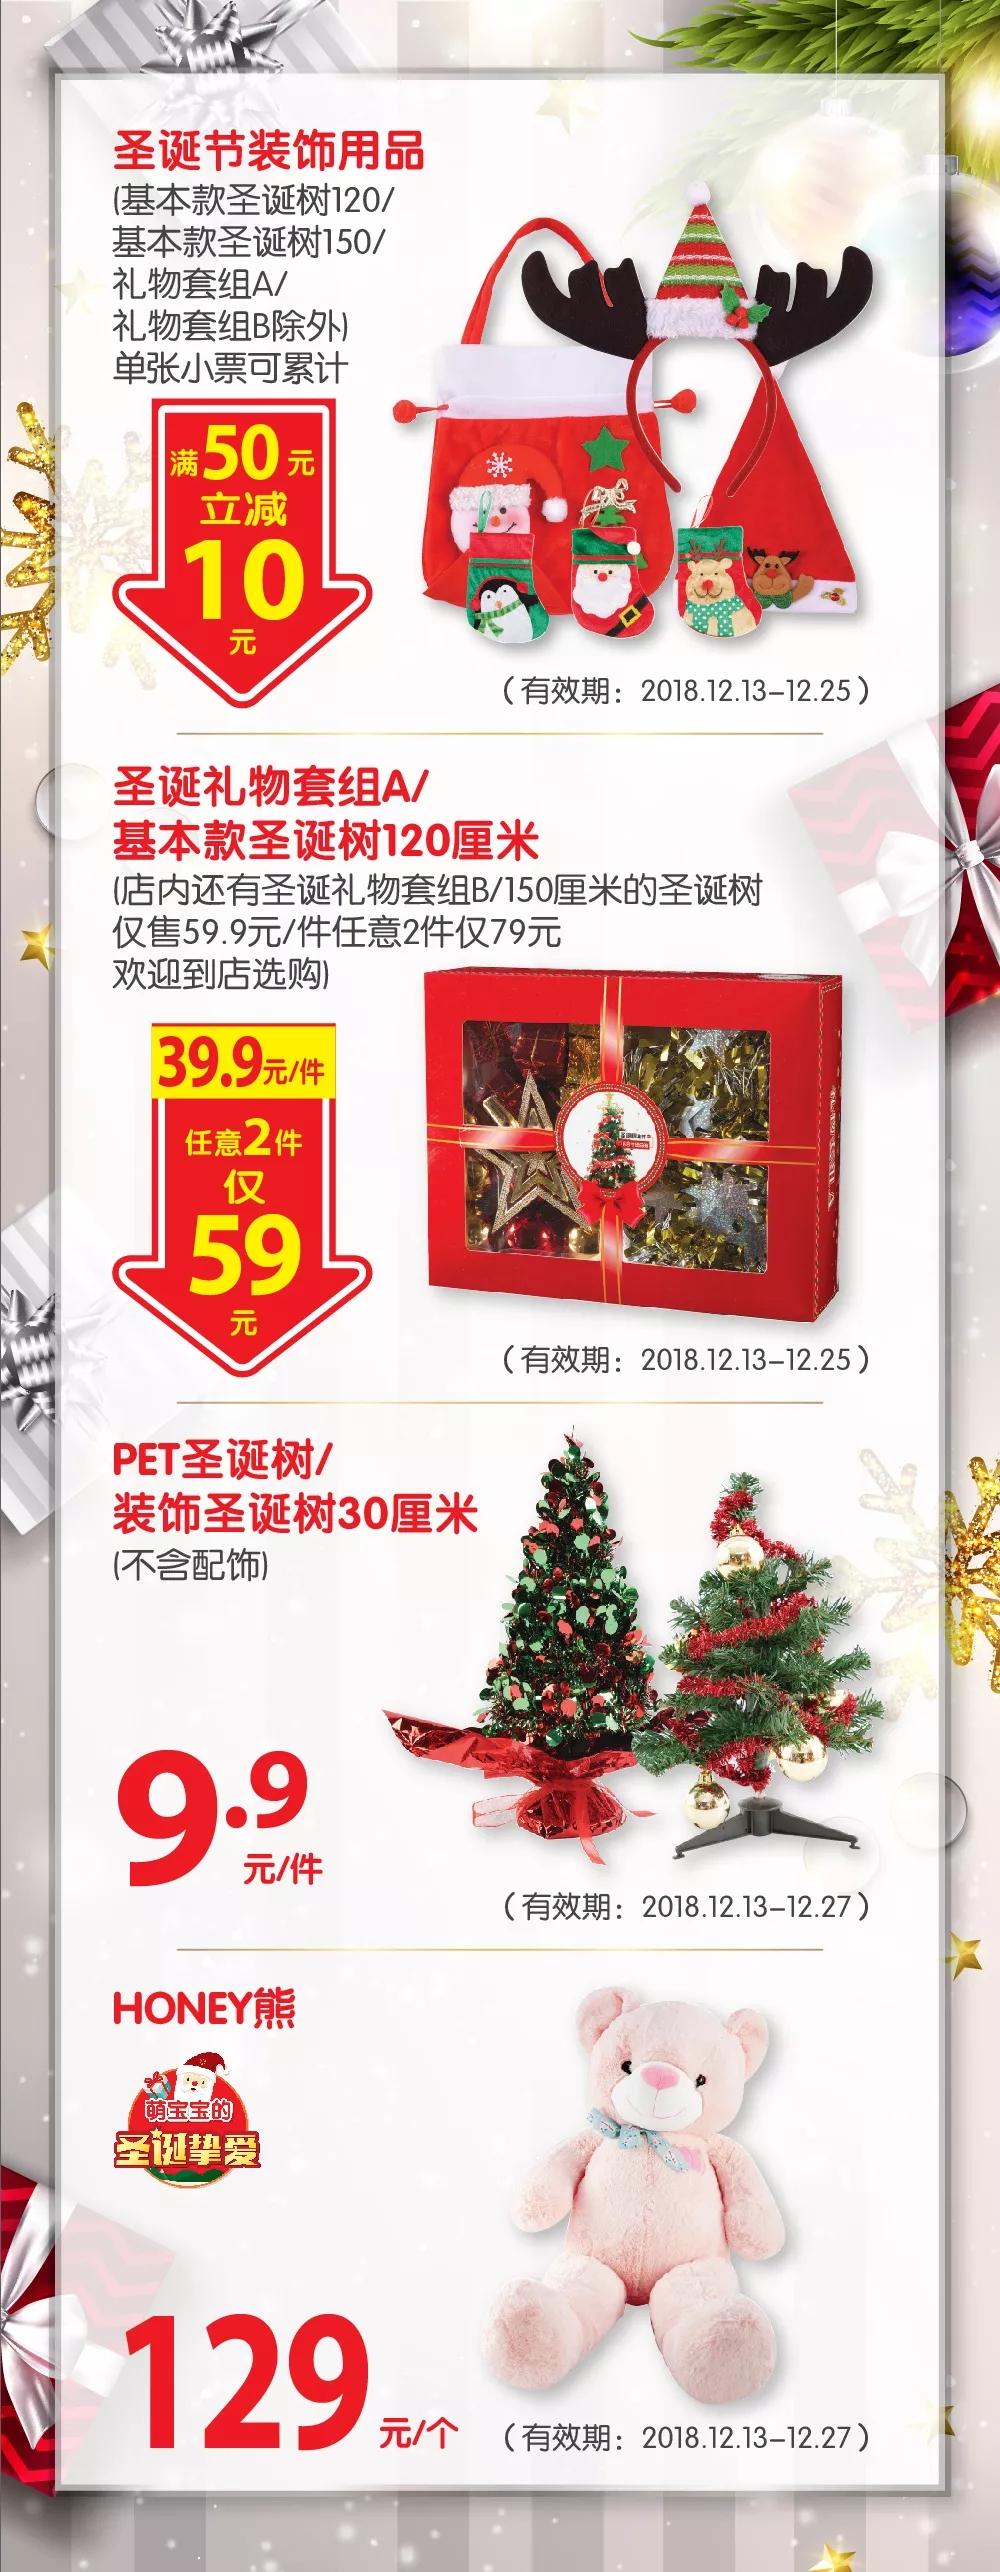 2018广州圣诞树哪里可以买到?